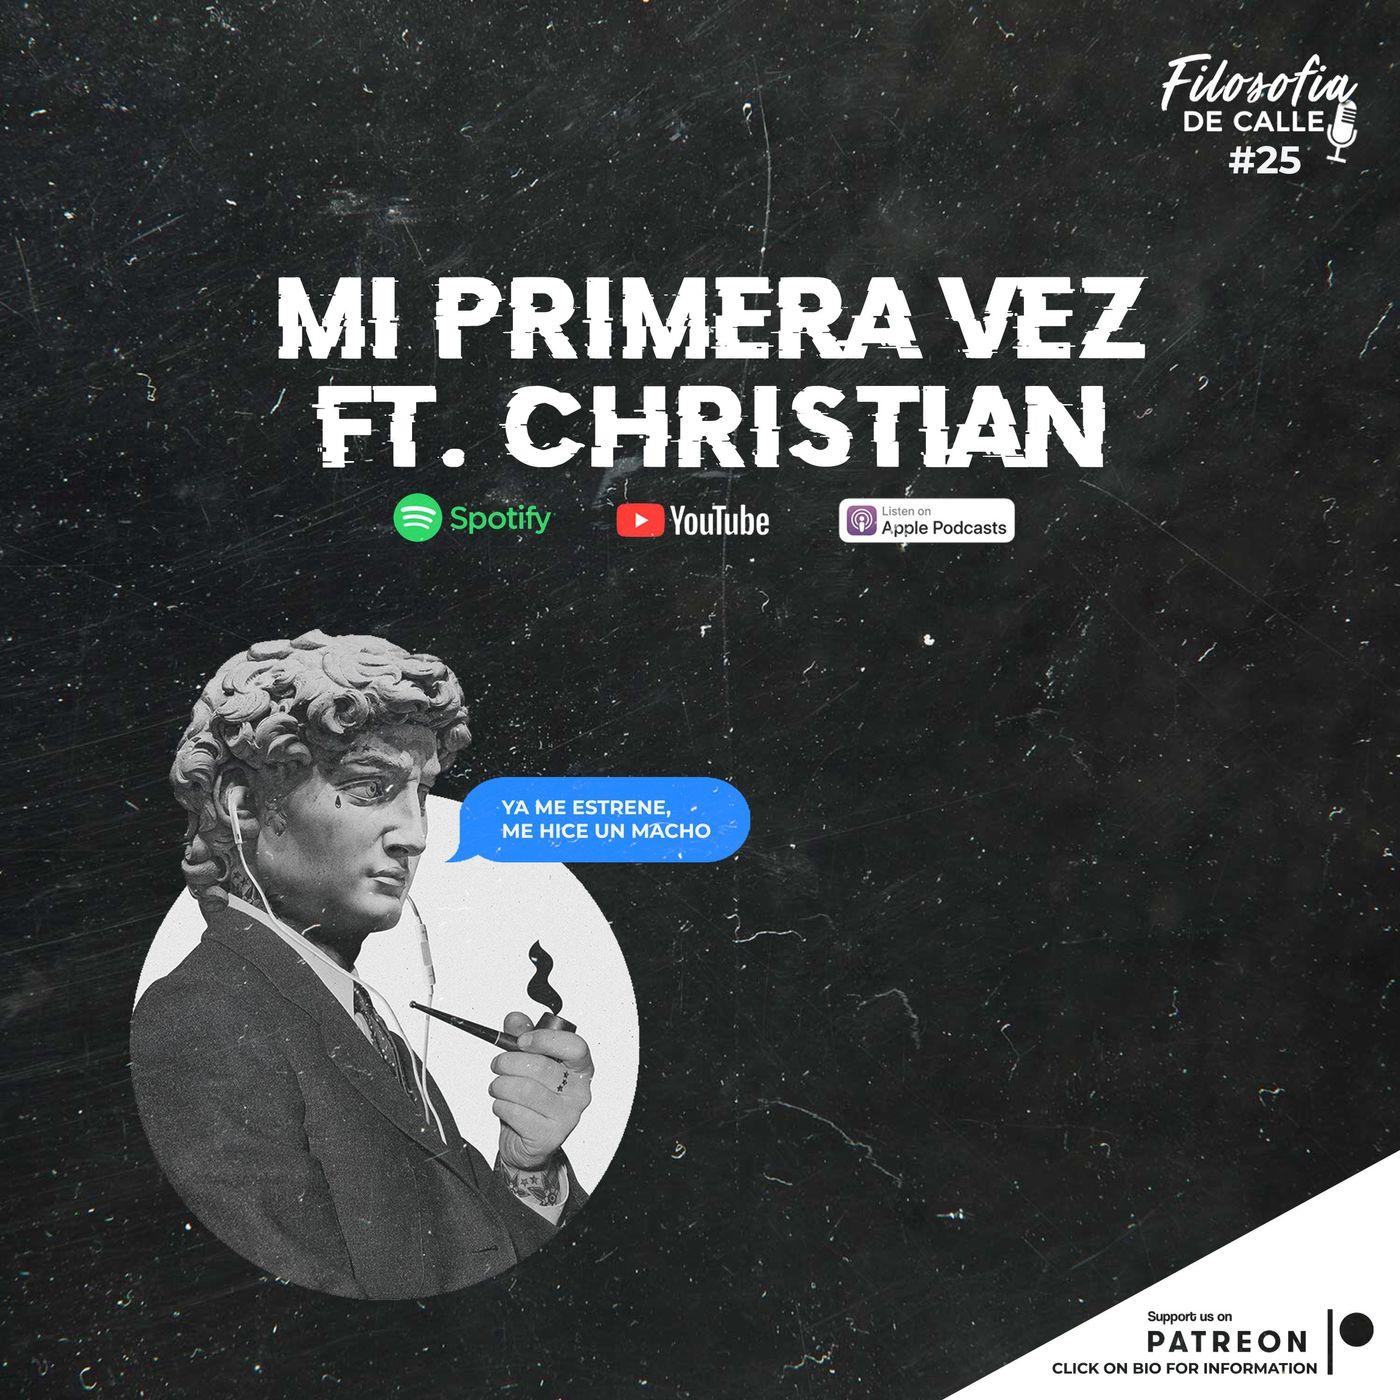 025. Mi primera vez ft Christian Álvarez